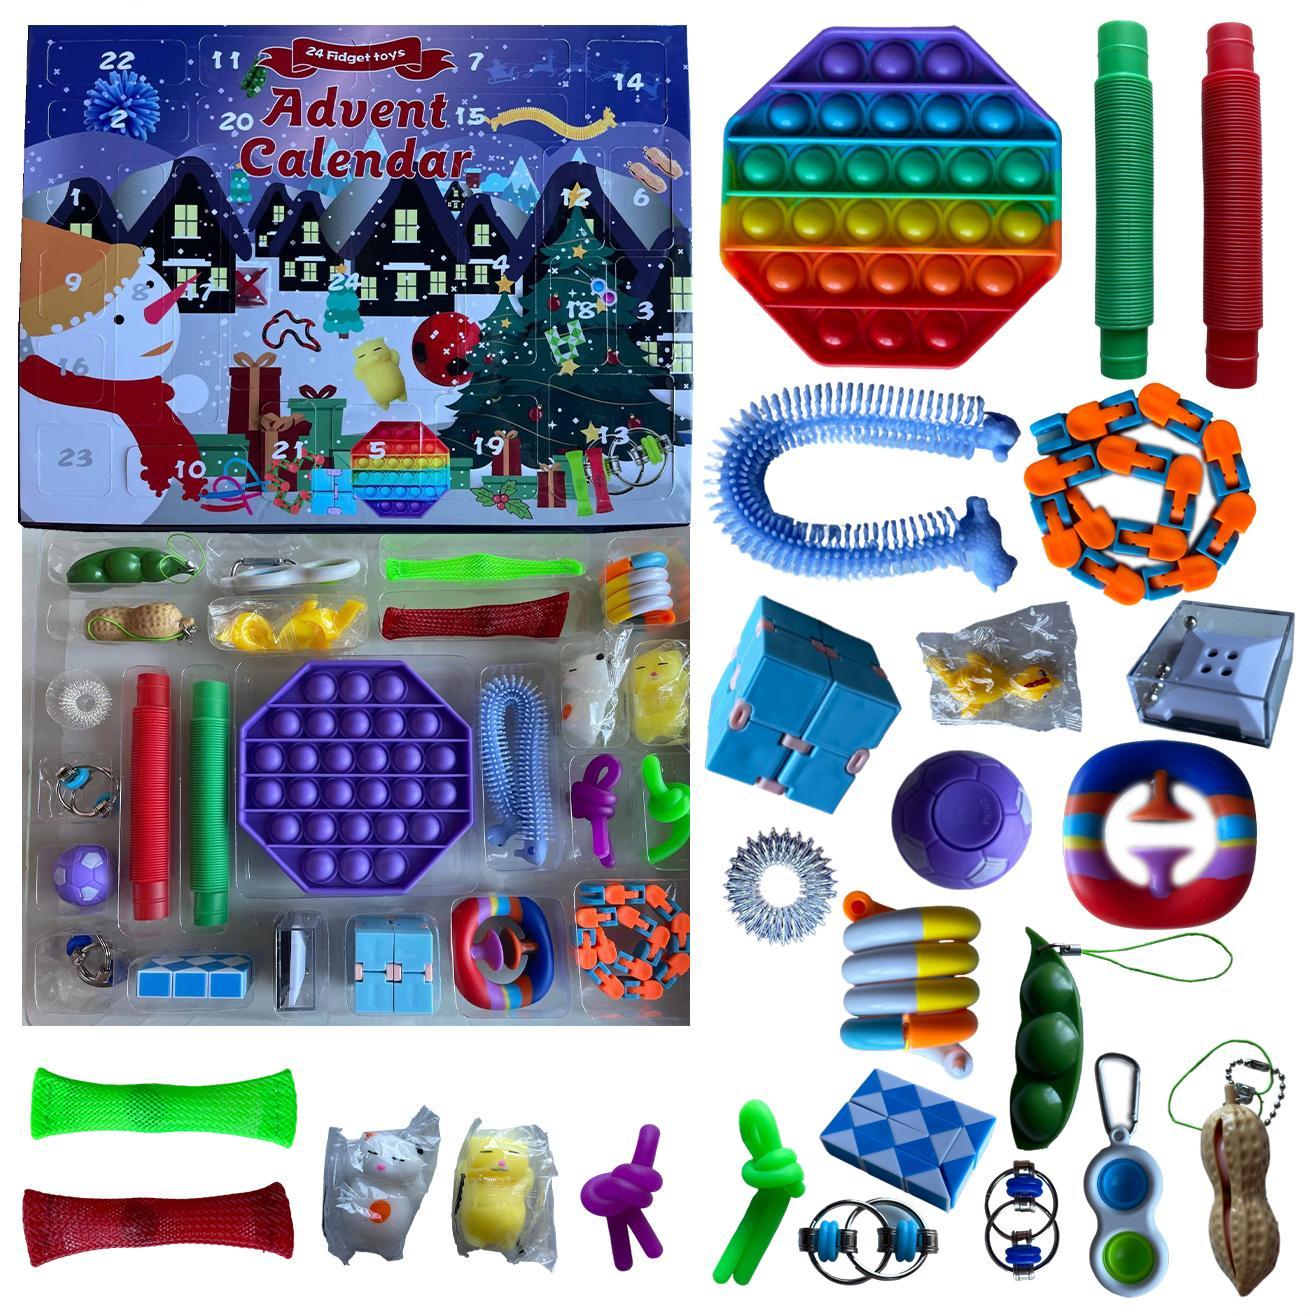 تململ اللعب عيد الميلاد الأعمى مربع 24 أيام مجيء التقويم 2021christmas العجن الموسيقى هدية مربع عيد الميلاد العد التنازلي هدايا الأطفال DWF9801